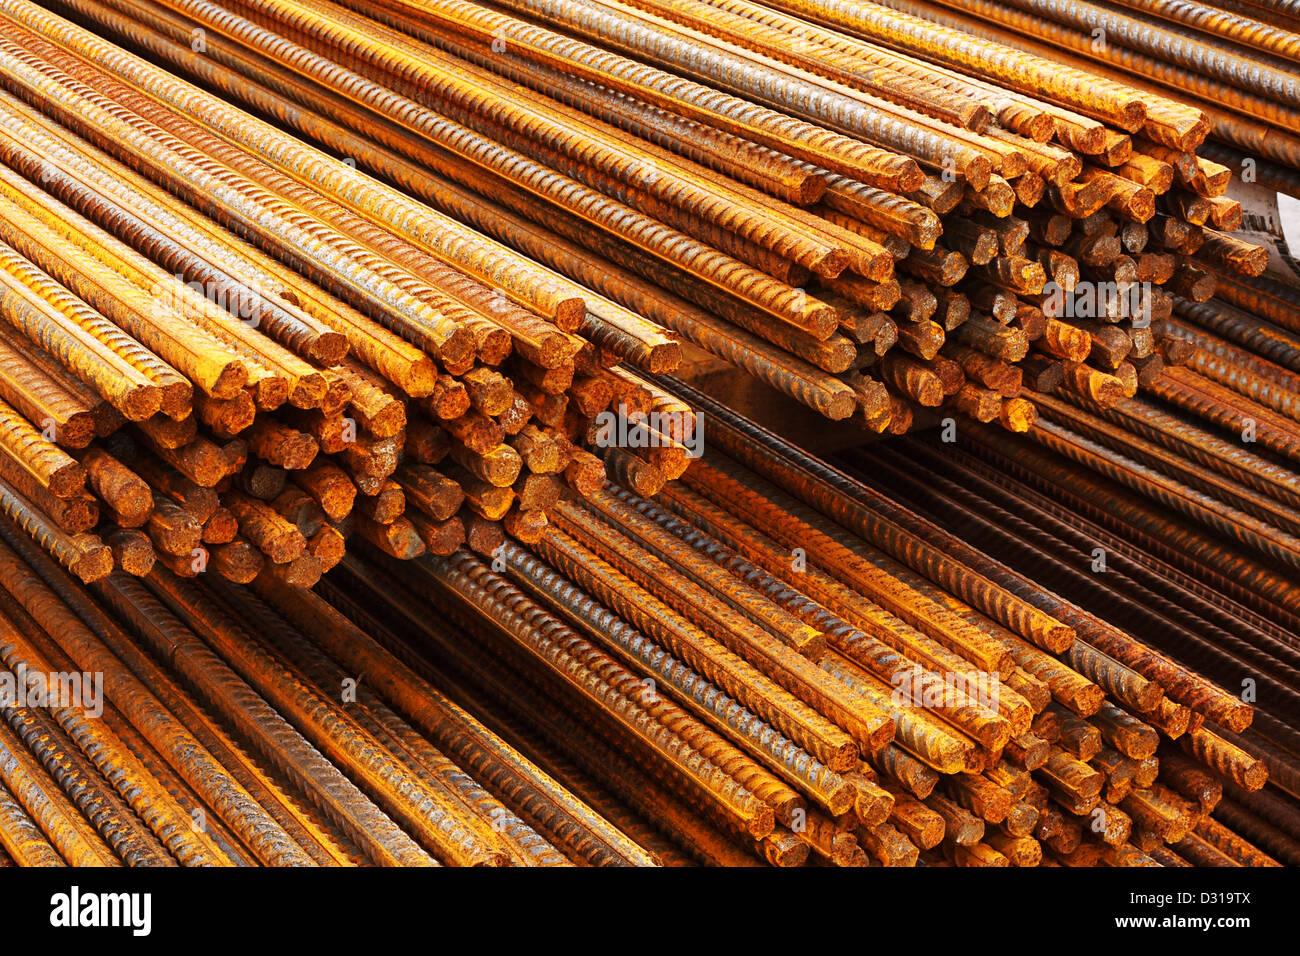 Las barras de acero de refuerzo para la industria de la construcción para hacer hormigón armado Imagen De Stock